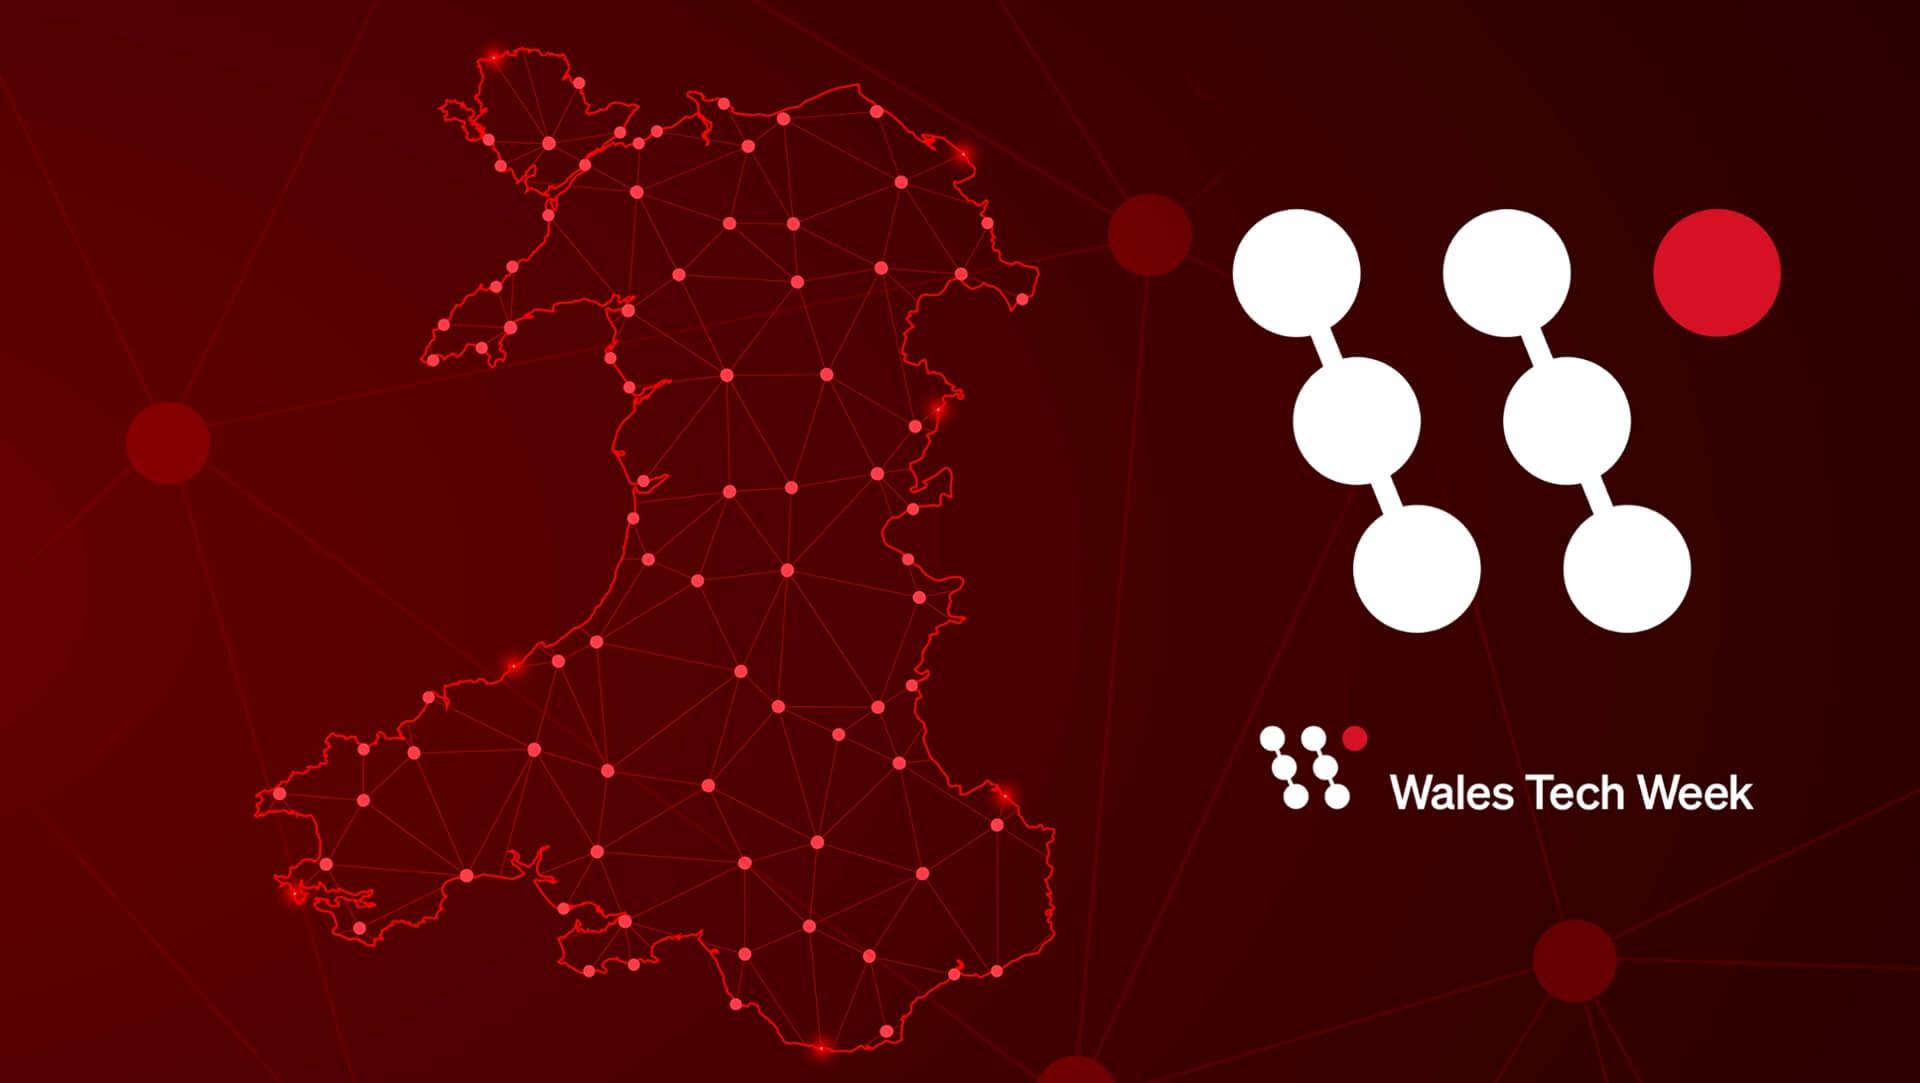 Wales Tech Week Logo